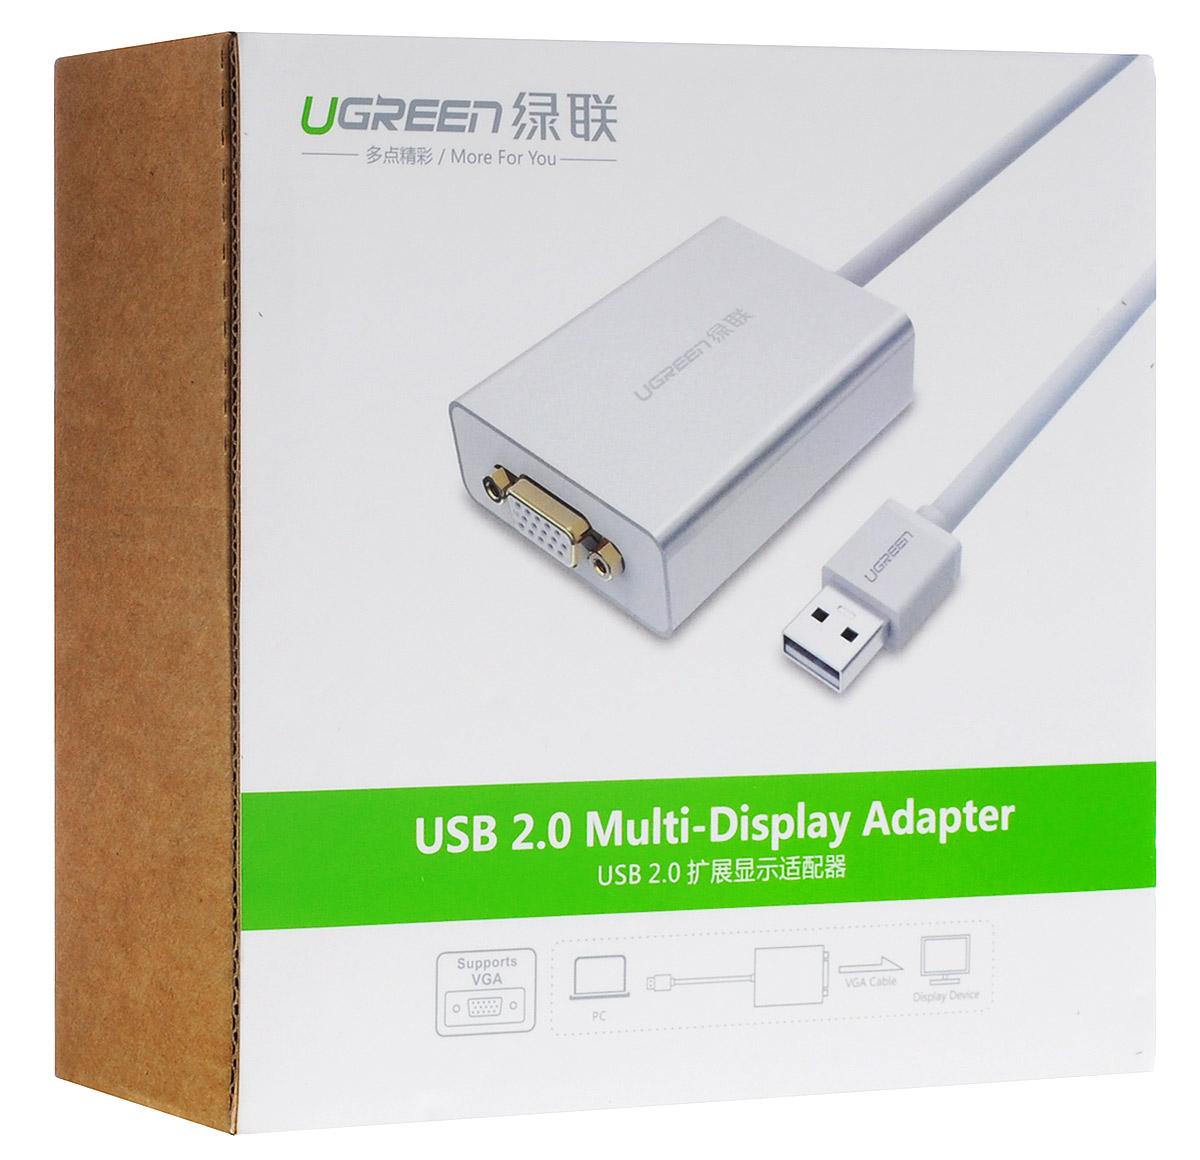 Ugreen UG-40244, White Silver конвертер-переходник USB/VGAUG-40244Адаптер Ugreen UG-40244 предназначен быстро и легко добавить дополнительный дисплей к вашему компьютеру через USB порт (USB 2.0 или более поздней версии) разрешением до 1920x1080. Это идеальное решение, позволяющее вам работать на двух экранах, когда это необходимо. Поддержка ОС: Windows ХР (только 32-бит)/Vista/ 7/ 8/ 8.1, Mac ОС 10.10, Linux Ubuntu 14.04.02